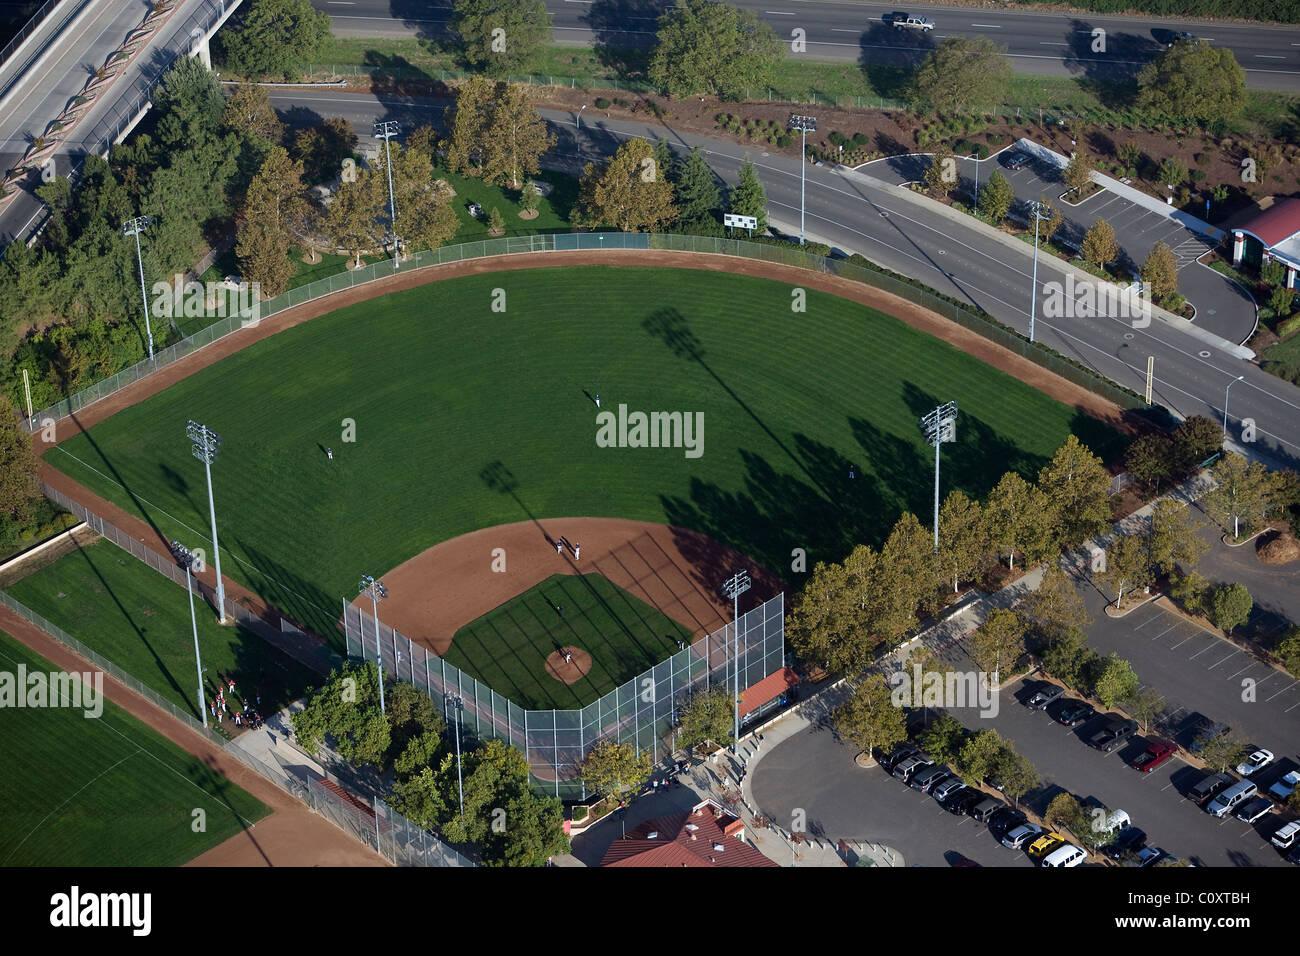 Vista aerea sopra il diamante di baseball Davis California Immagini Stock